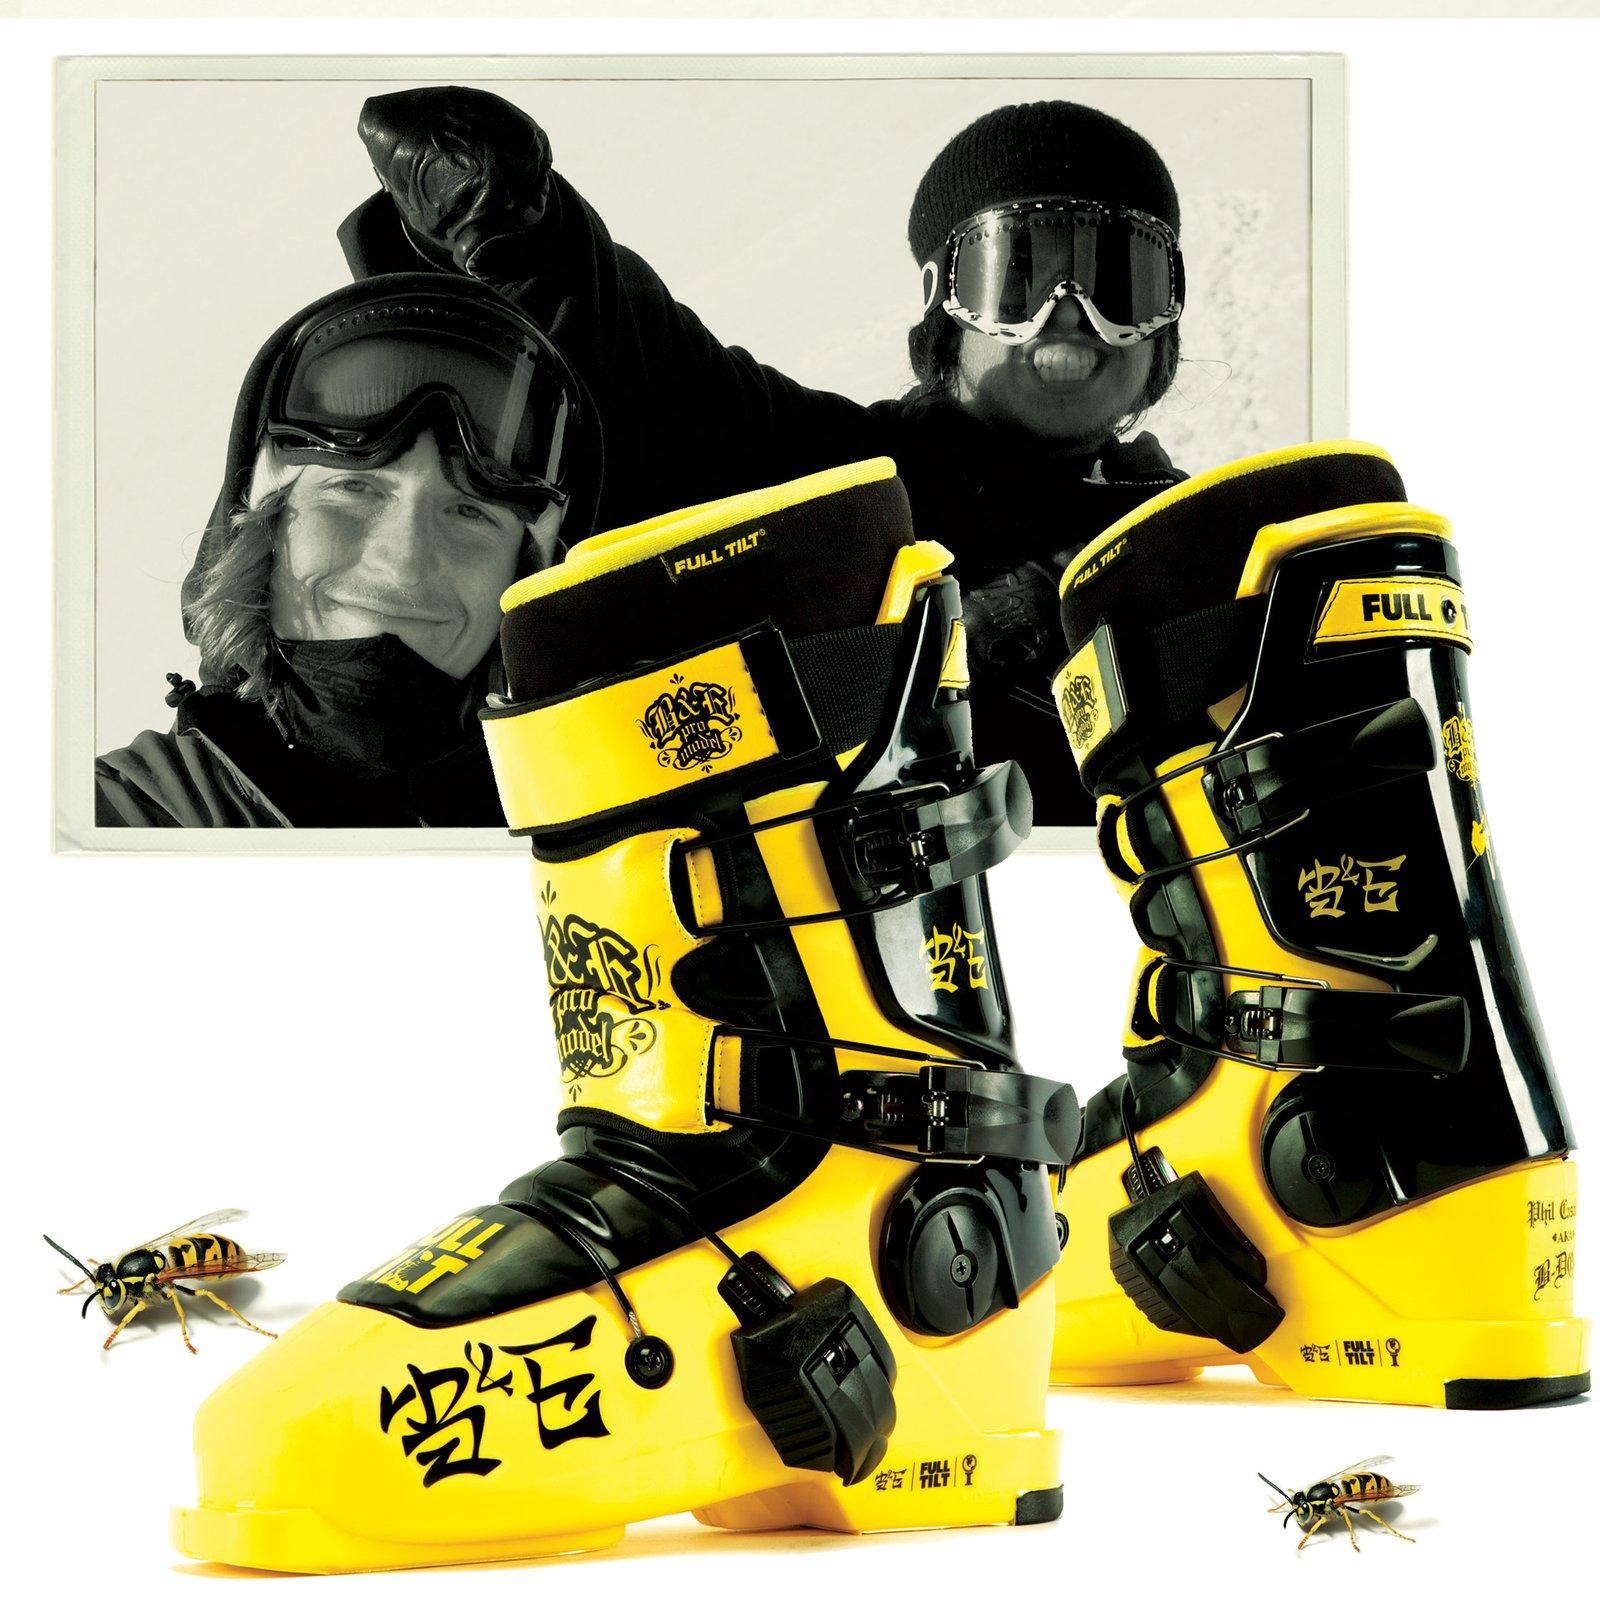 Full Tilt B & E Pro Model Boot - Available Fall 2013